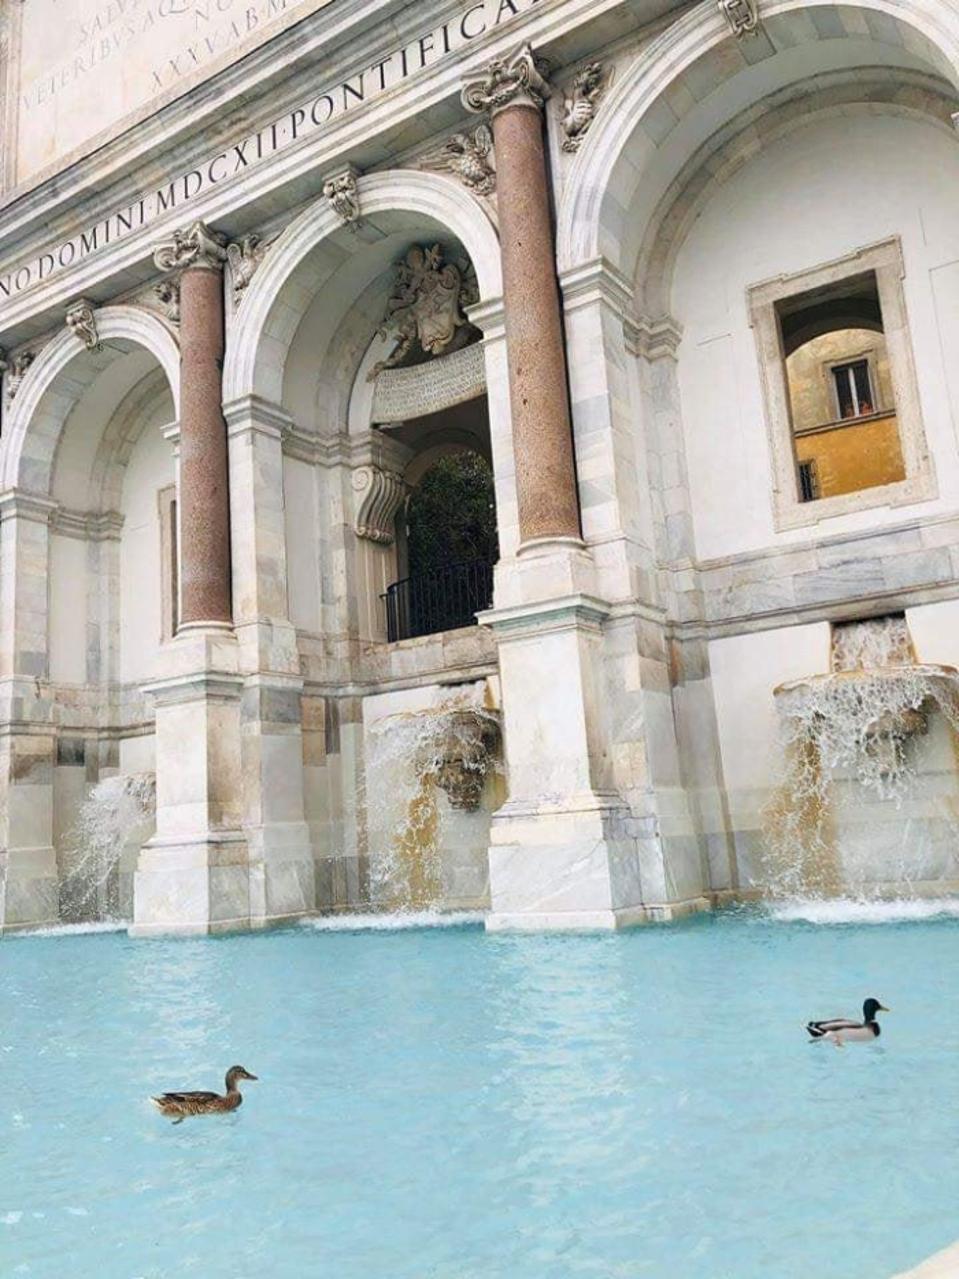 Ducks swimming in the Trevi Fountain.